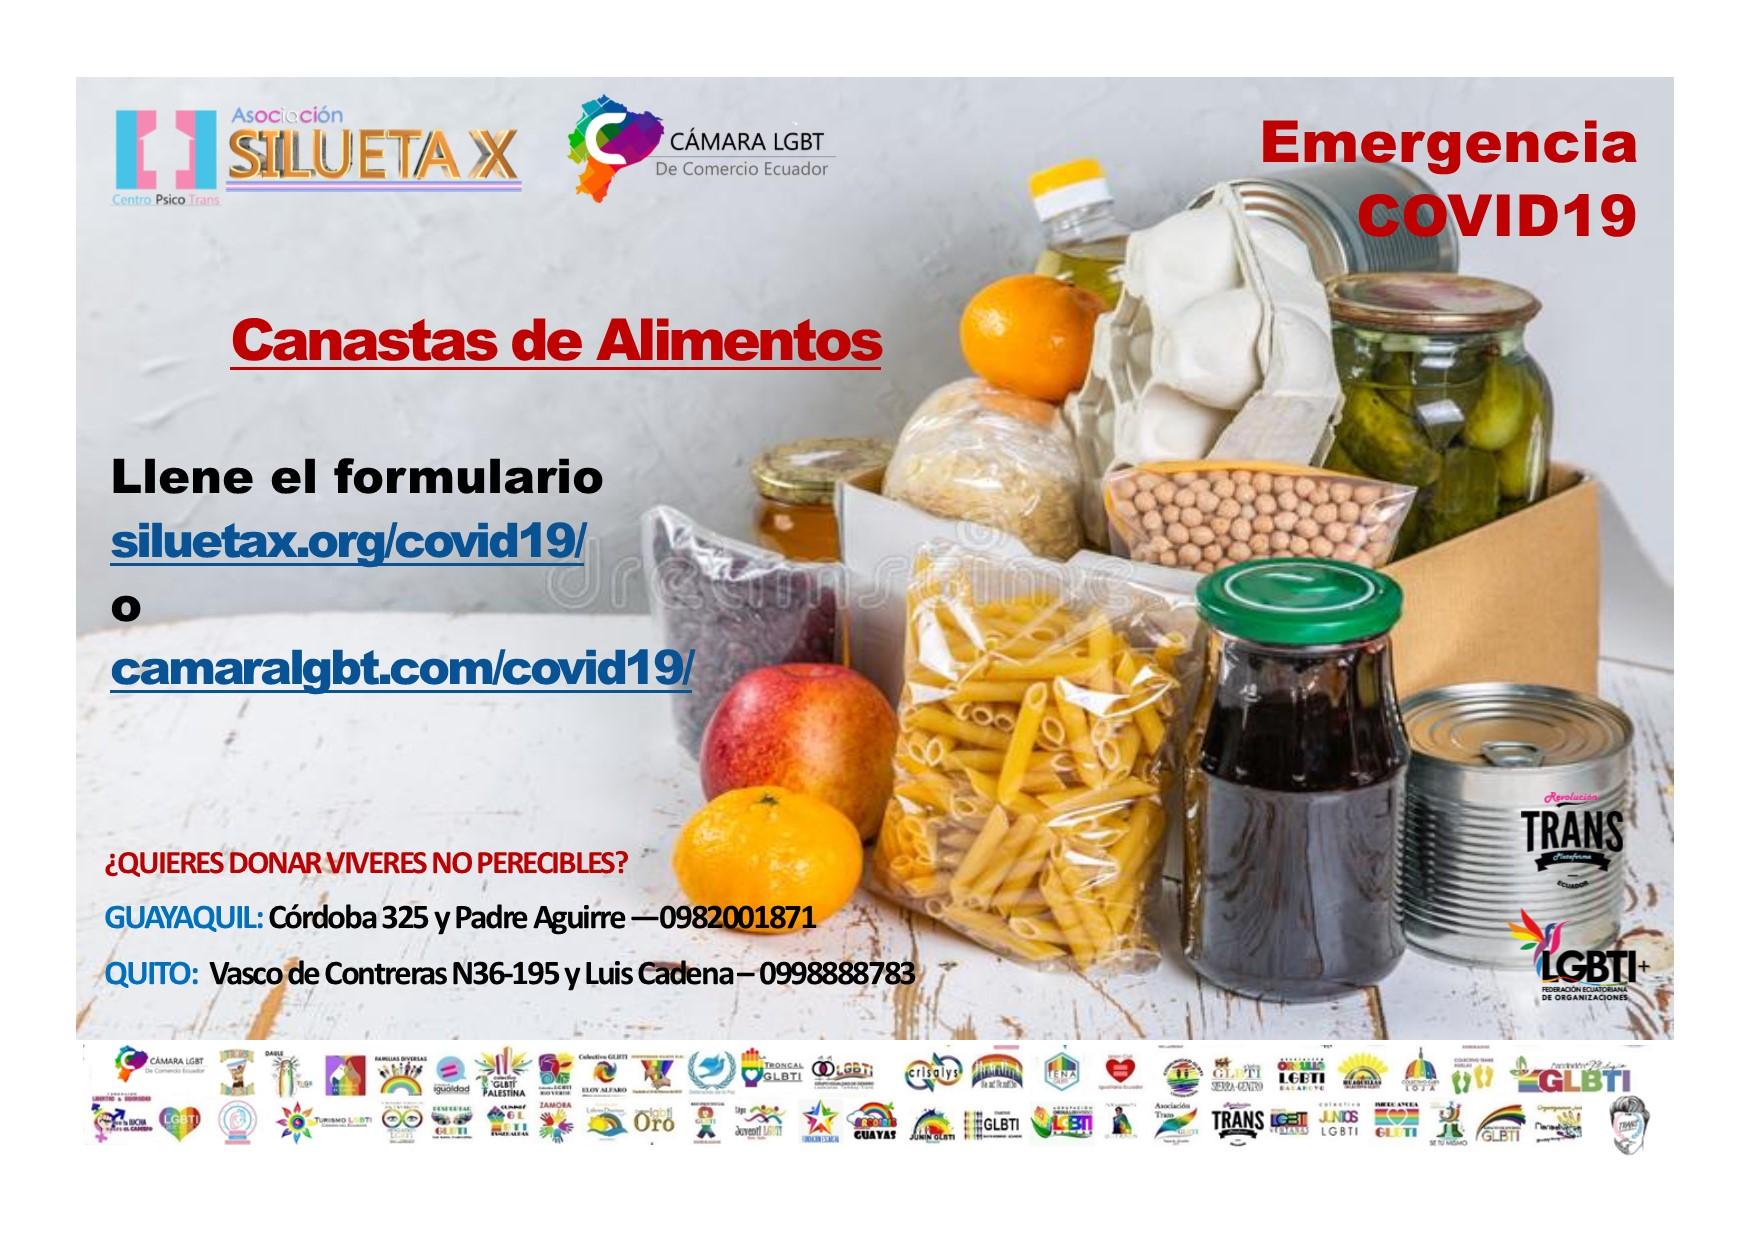 Canasta de Alimentos para LGBT en emergencia Covid19